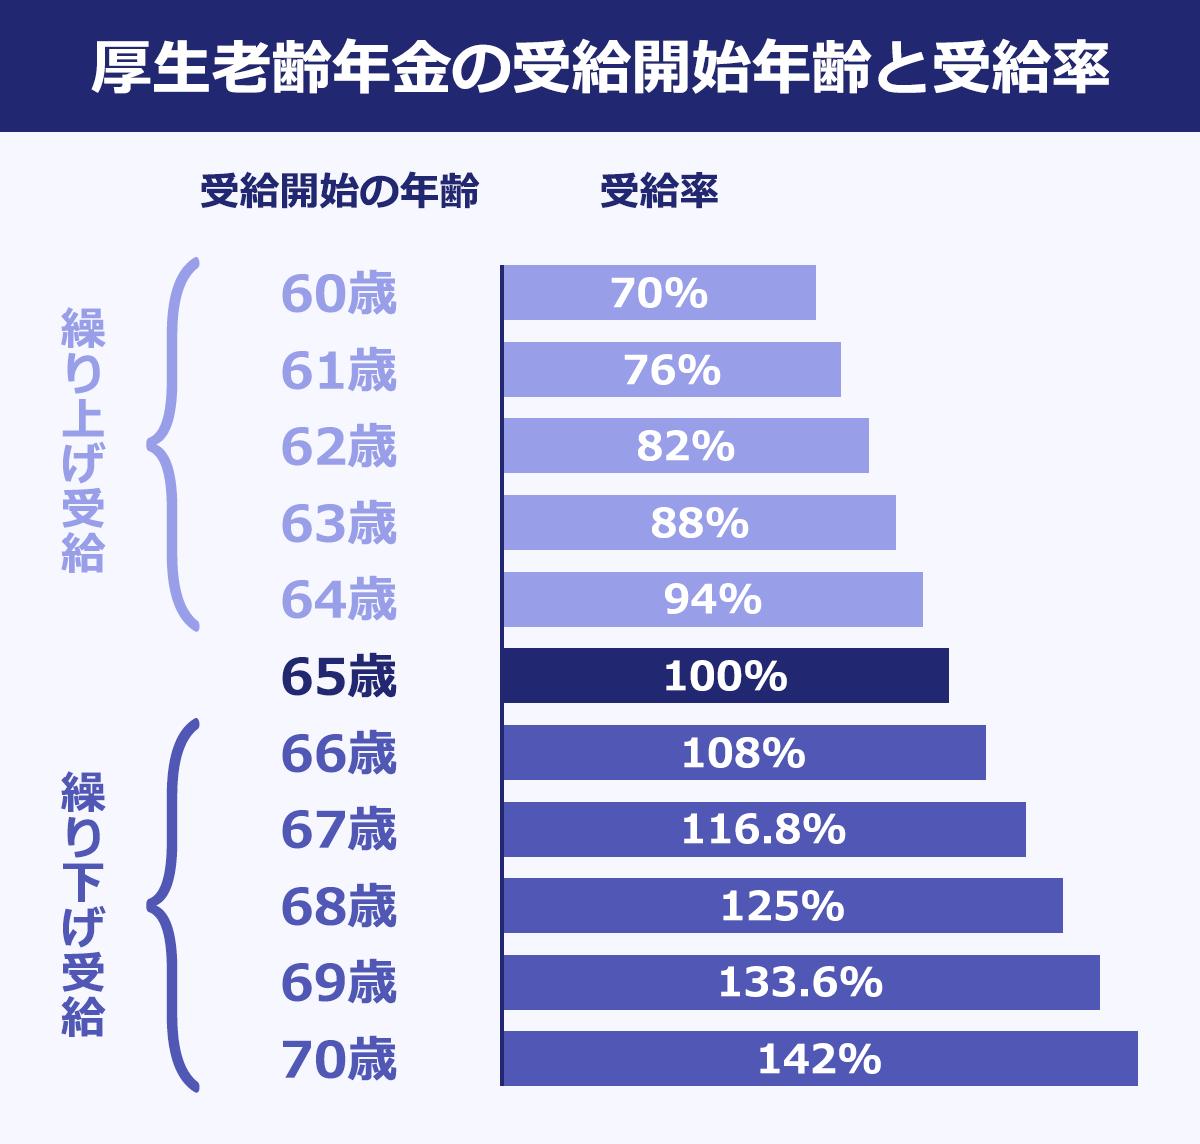 厚生老齢年金の受給開始年齢と受給率:受給開始が65歳のときの受給率が100%とすると、60歳では70%。61歳では76%、62歳では82%、63歳では88%、64歳では94%。60~64歳で受け取ると繰り上げ受給になります。66歳では108%、67歳では116.8%、68歳では125%。69歳では133.6%、70歳では142%です。66~70歳で受け取ると繰り上げ受給です。